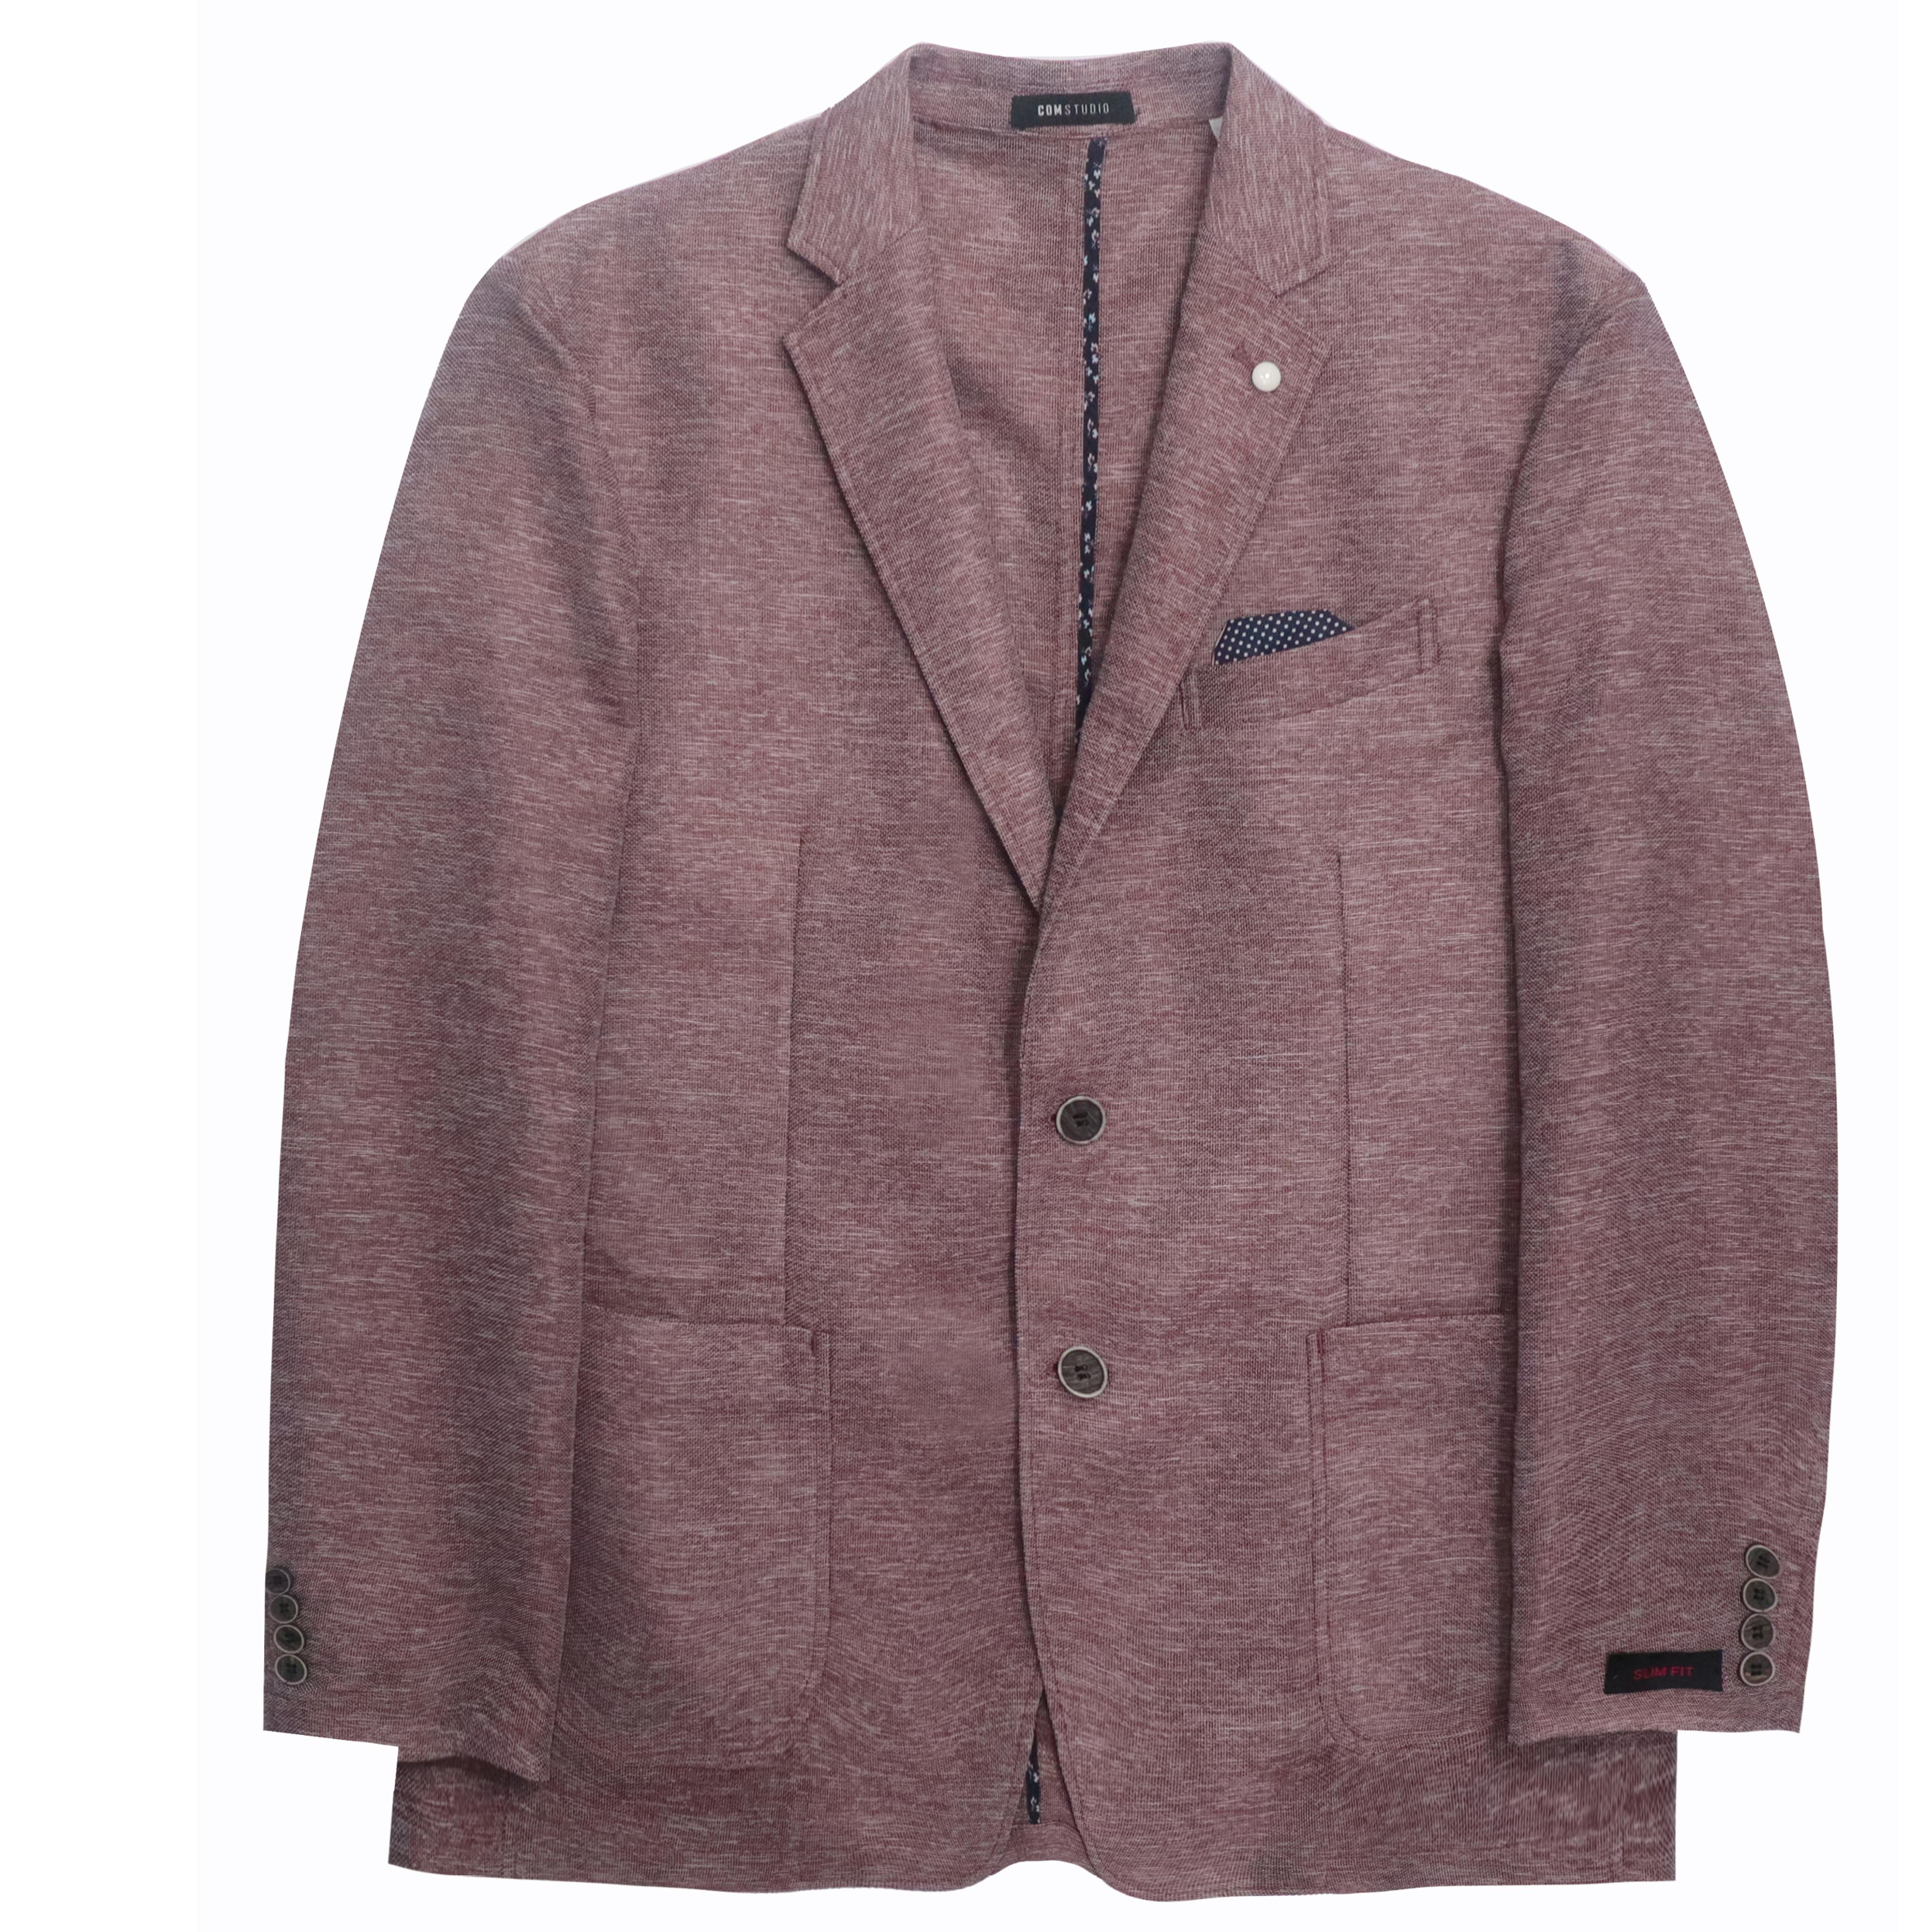 벽돌  네로우 스트레치 테크니컬 재킷